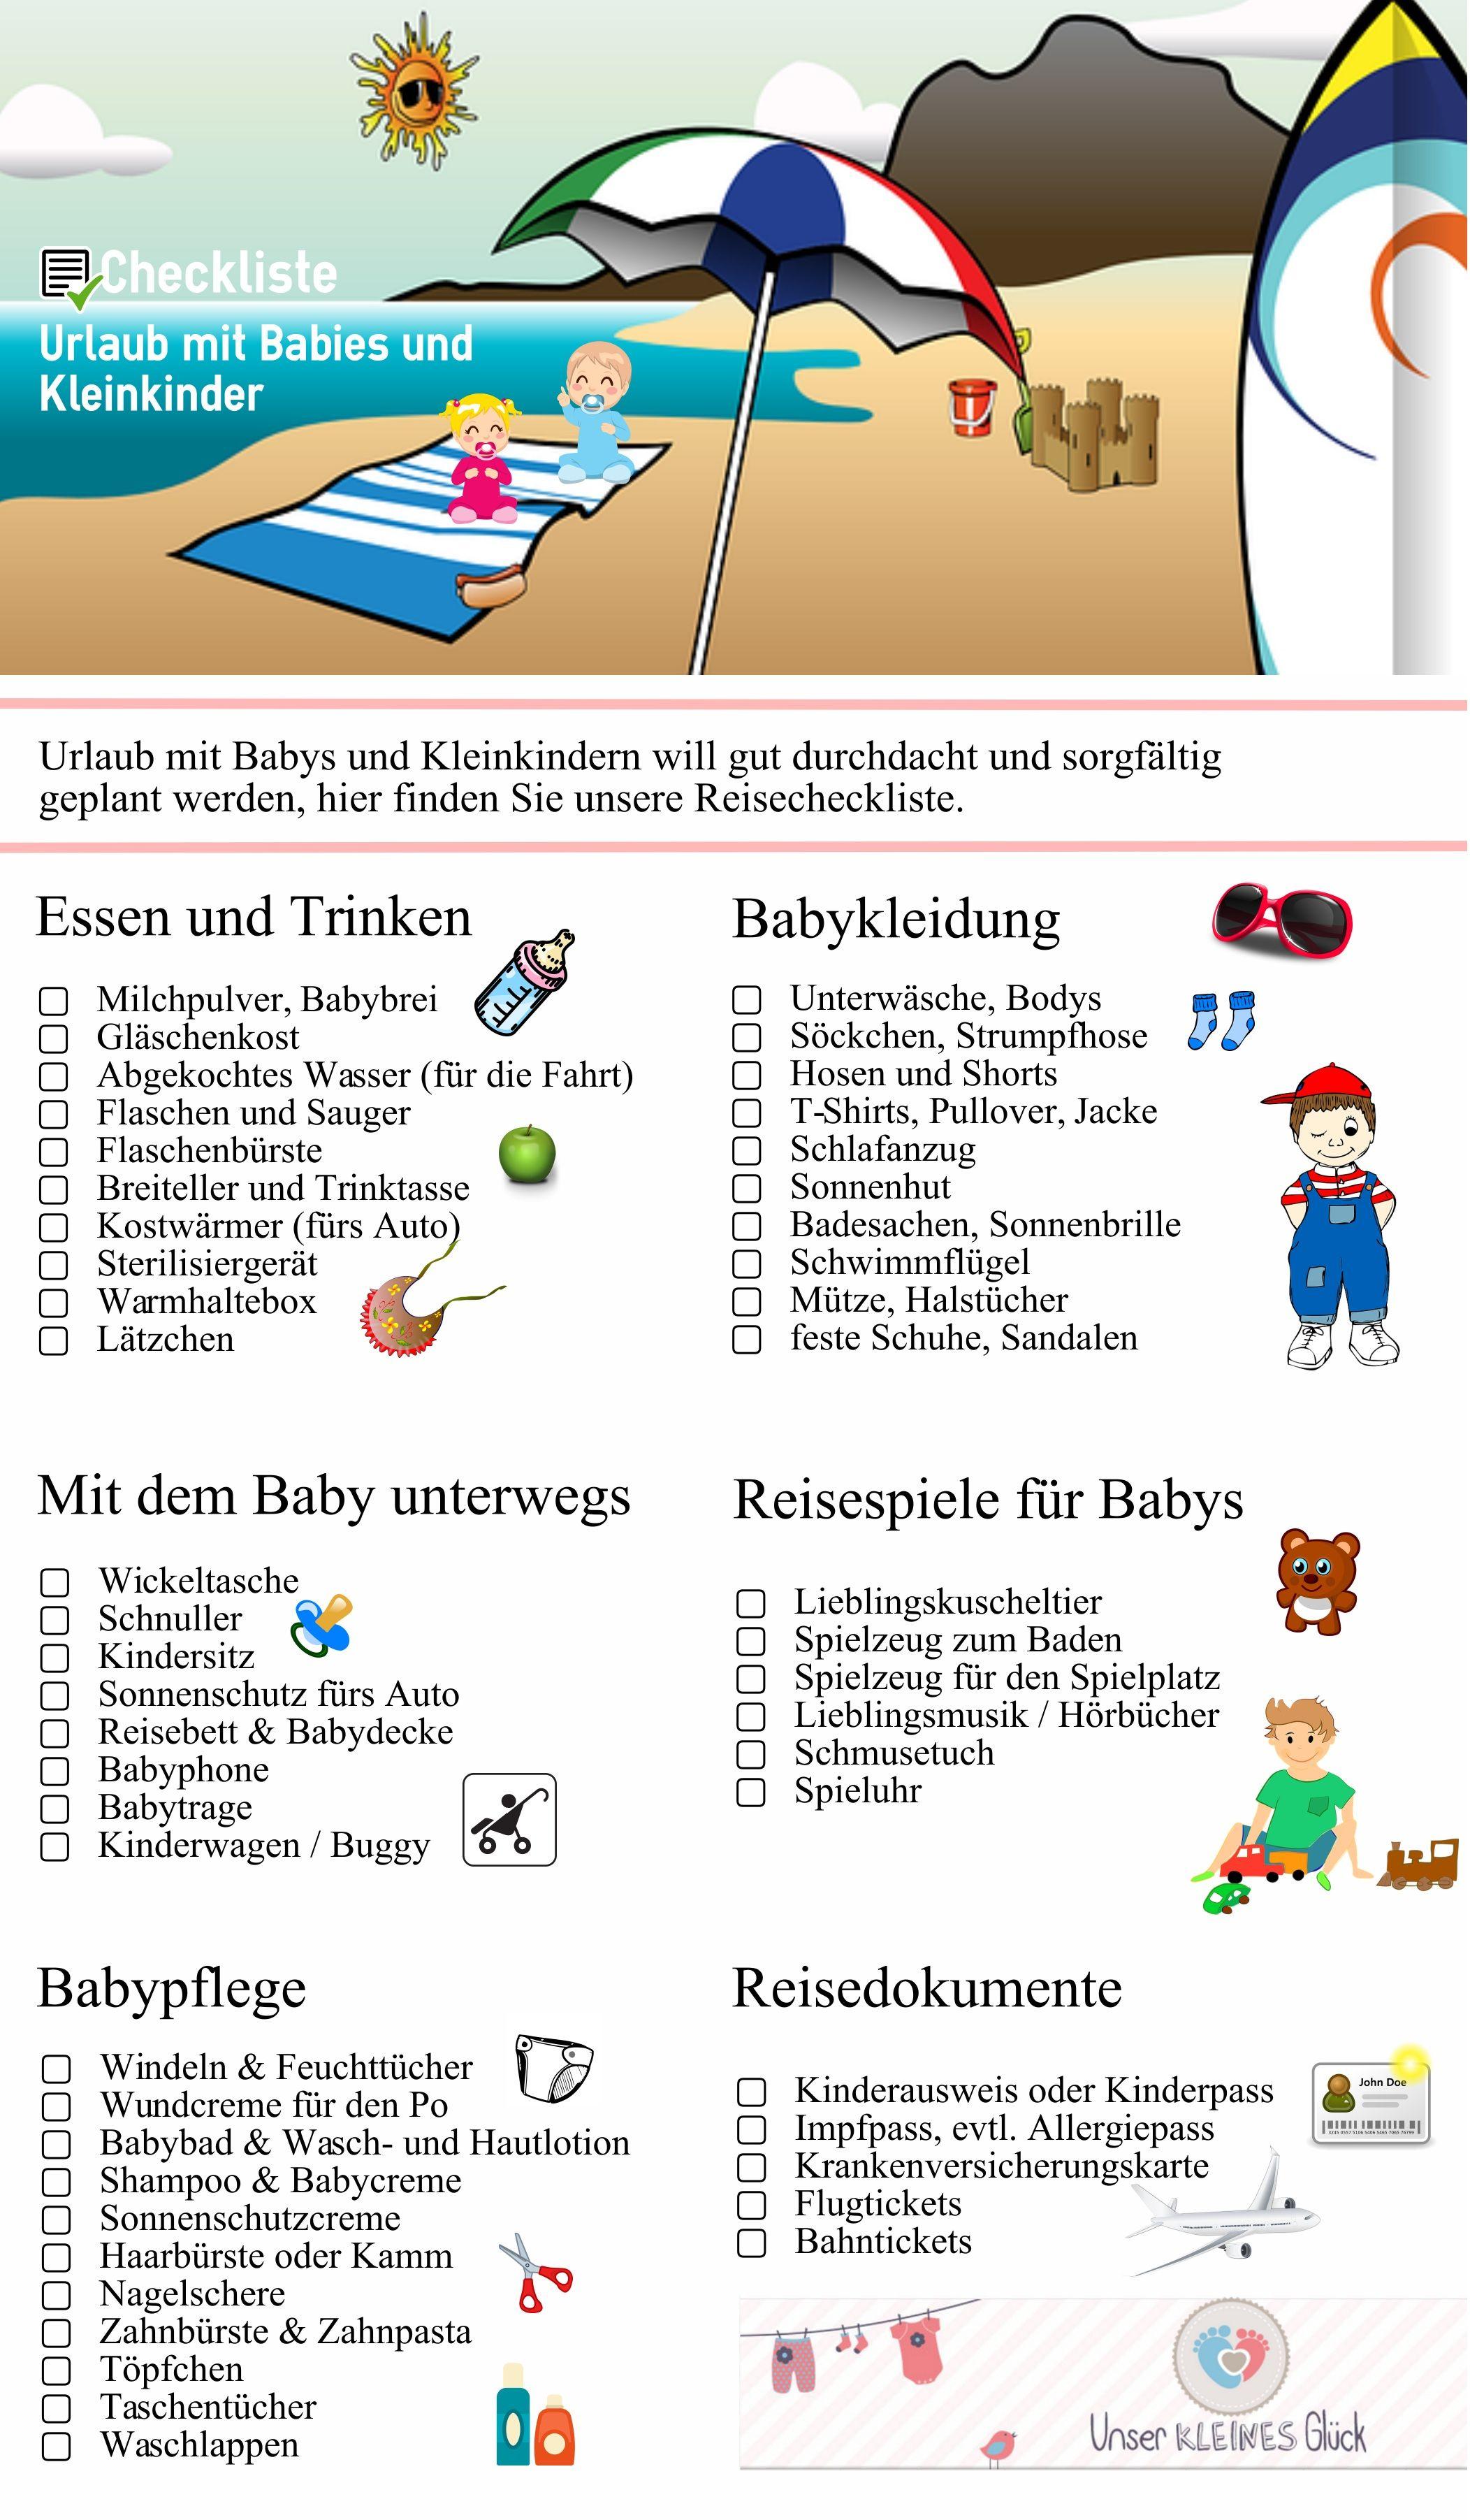 Das sollten Sie beachten wenn Sie mit Babies oder Kleinkinder in den Urlaub gehen. #interessen